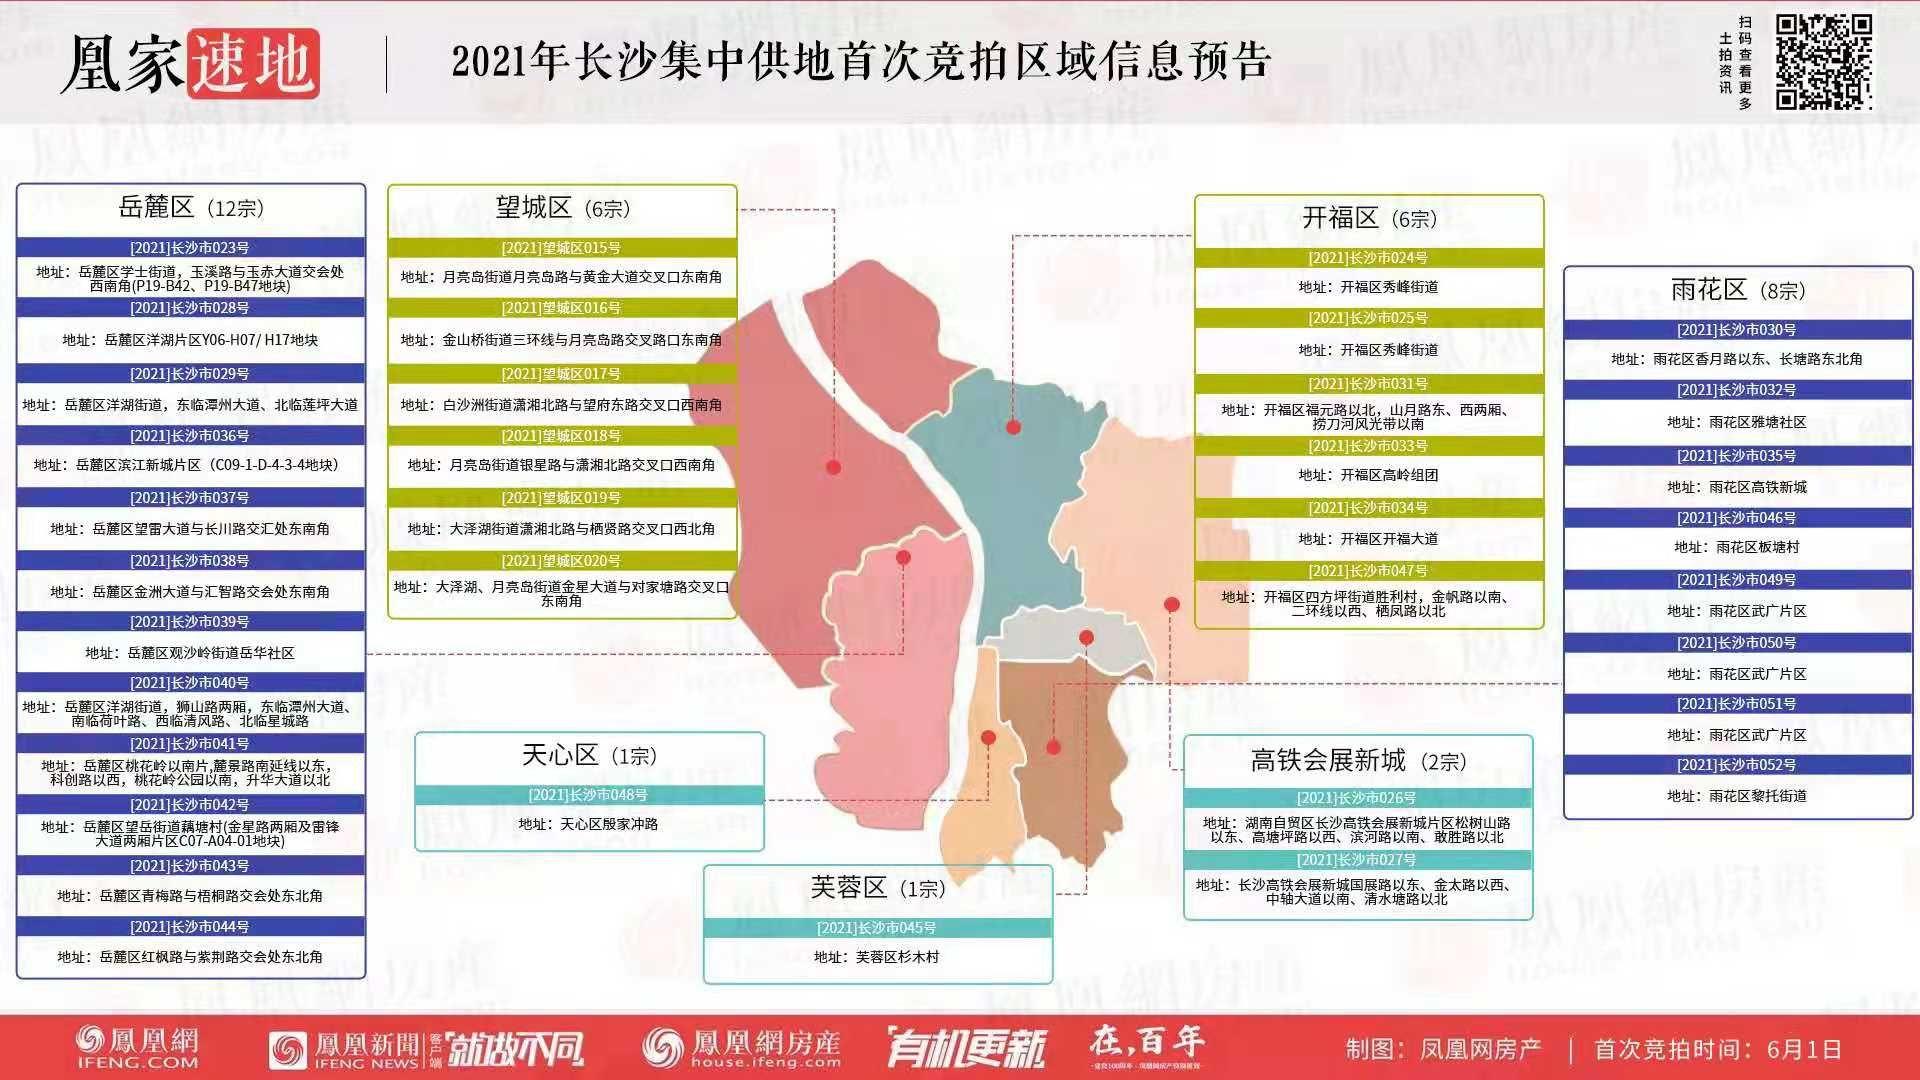 【长沙】集中供地:9宗熔断,总揽金381亿